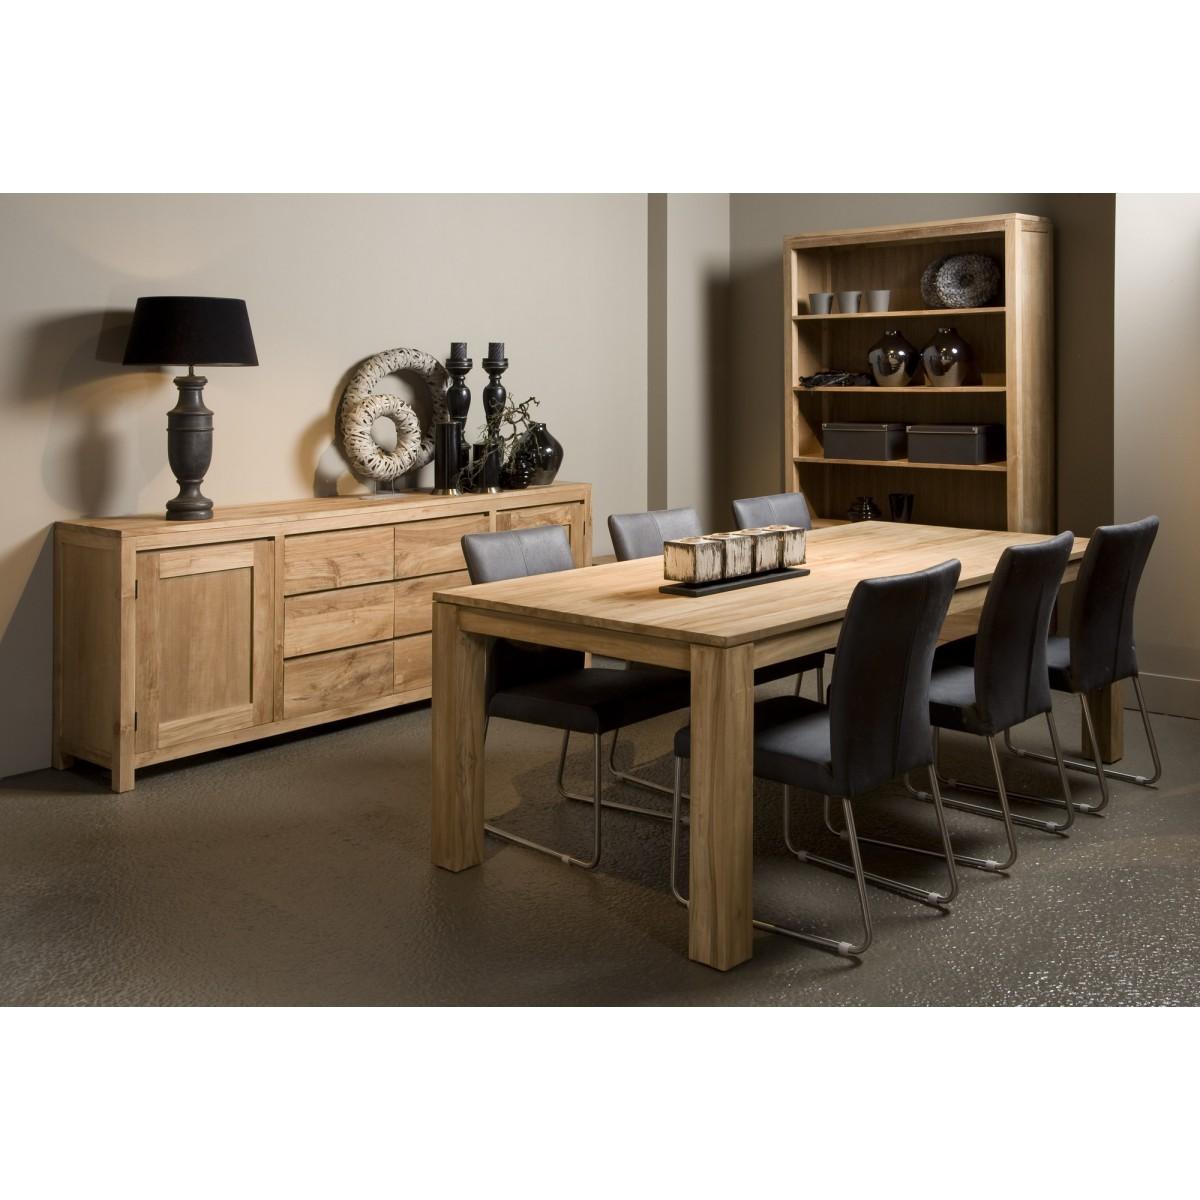 corona tv sideboard 300 cm i live design preisg nstig. Black Bedroom Furniture Sets. Home Design Ideas